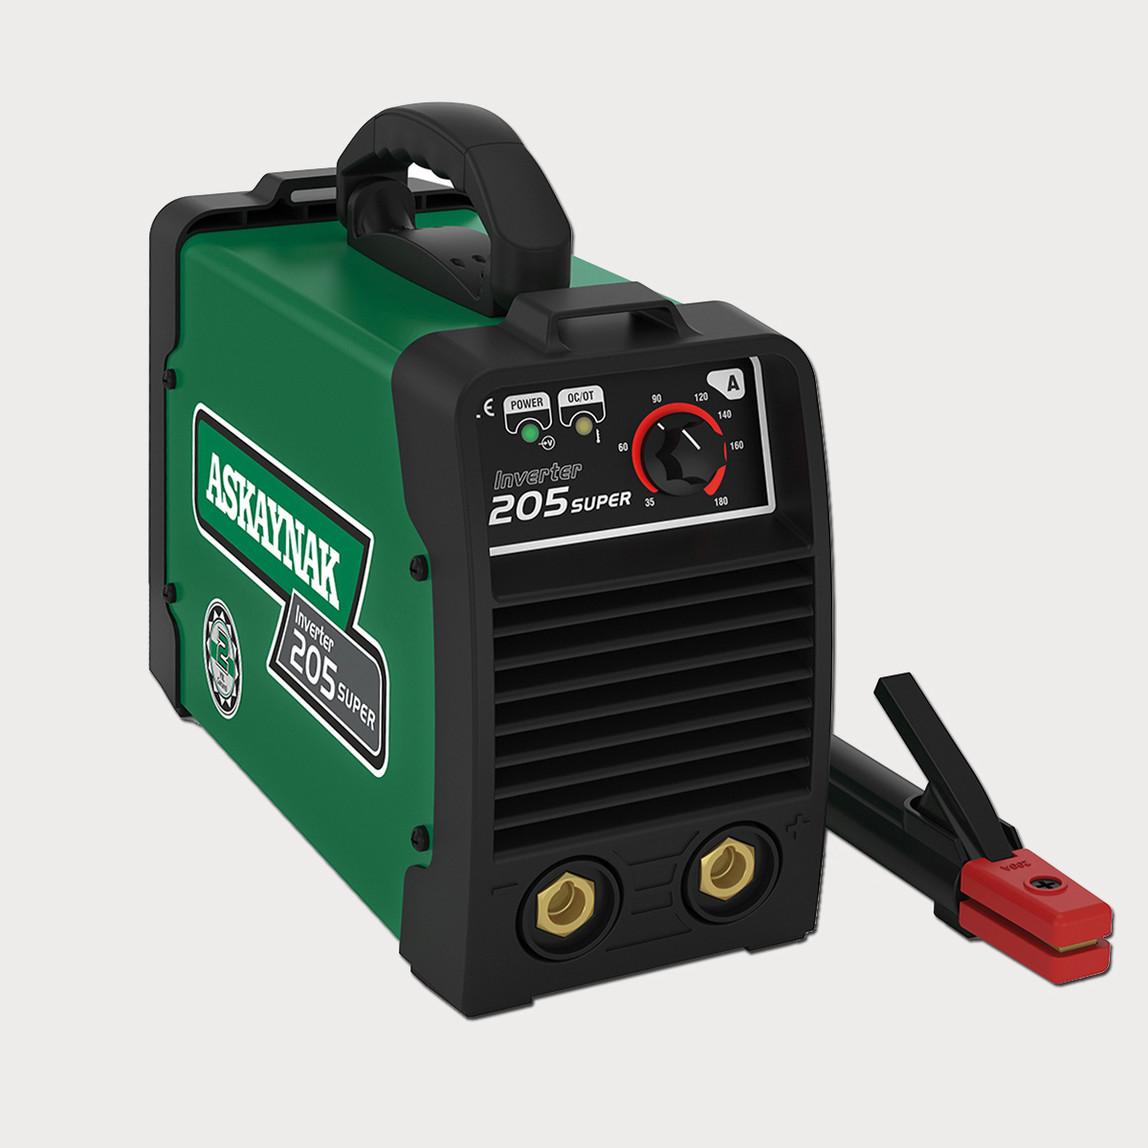 Askaynak Inverter Kaynak Makinası- 205S